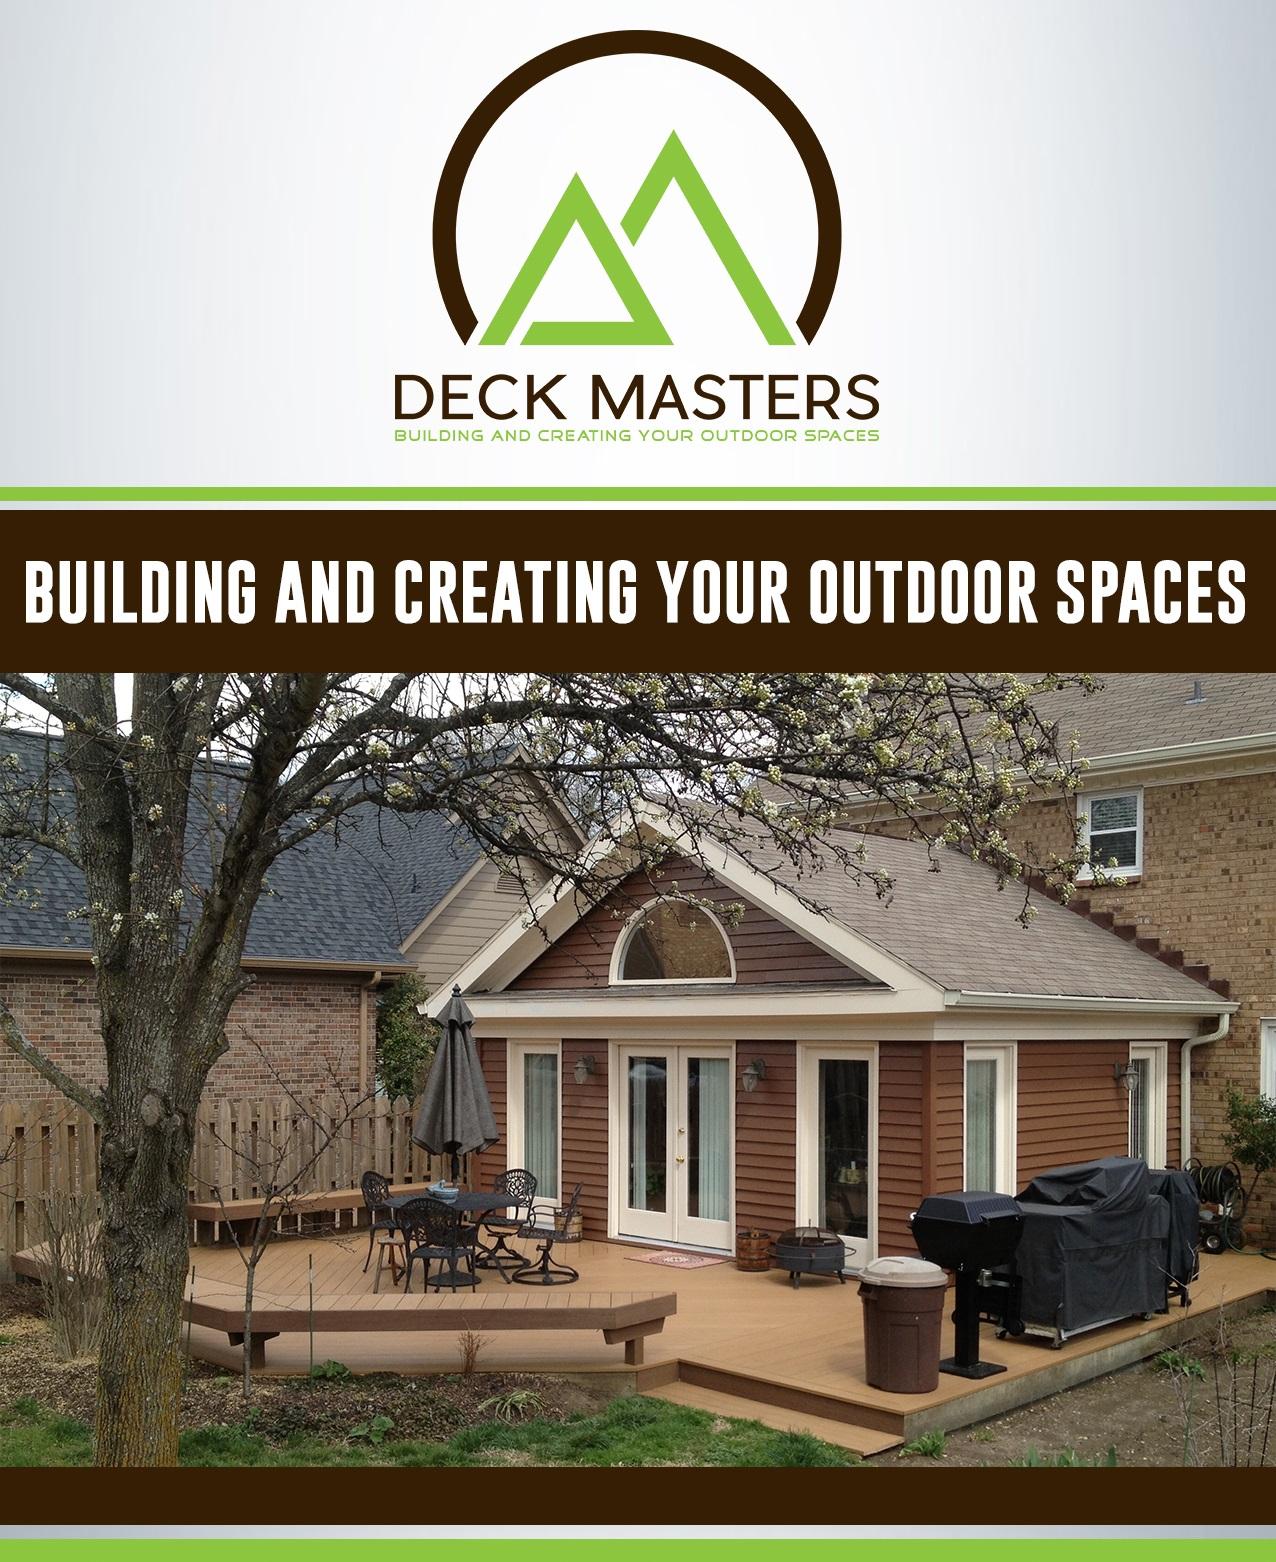 deck masters custom decks nashville tn deck builder 615 356 8905